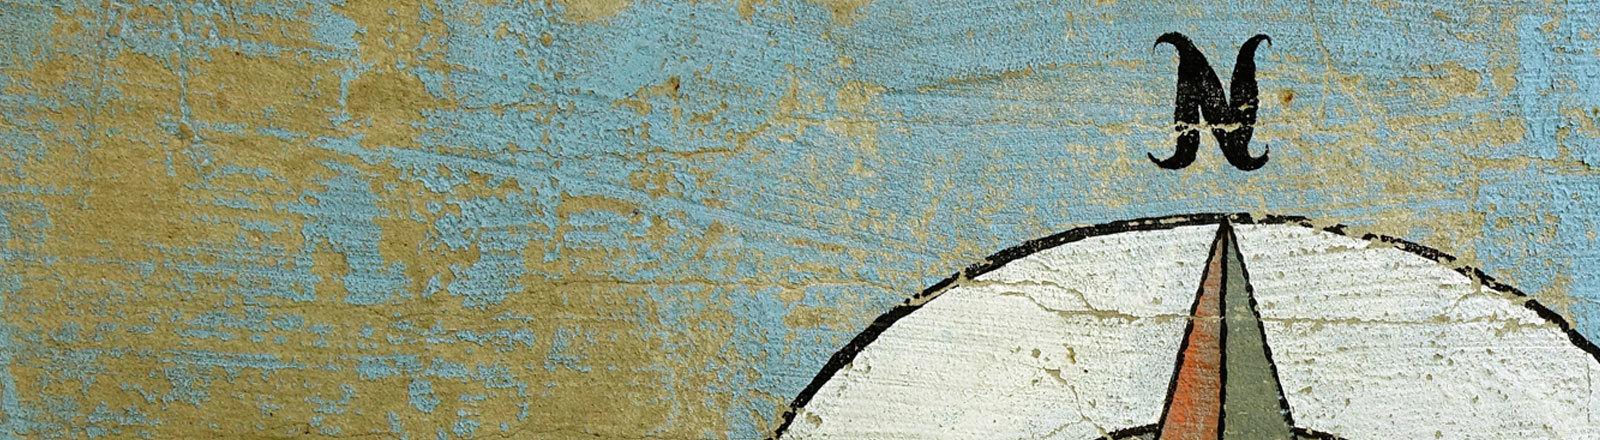 27.07.2017, Kreuzberg, Berlin, Eine Windrose wurde an eine Mauer gesprayt.